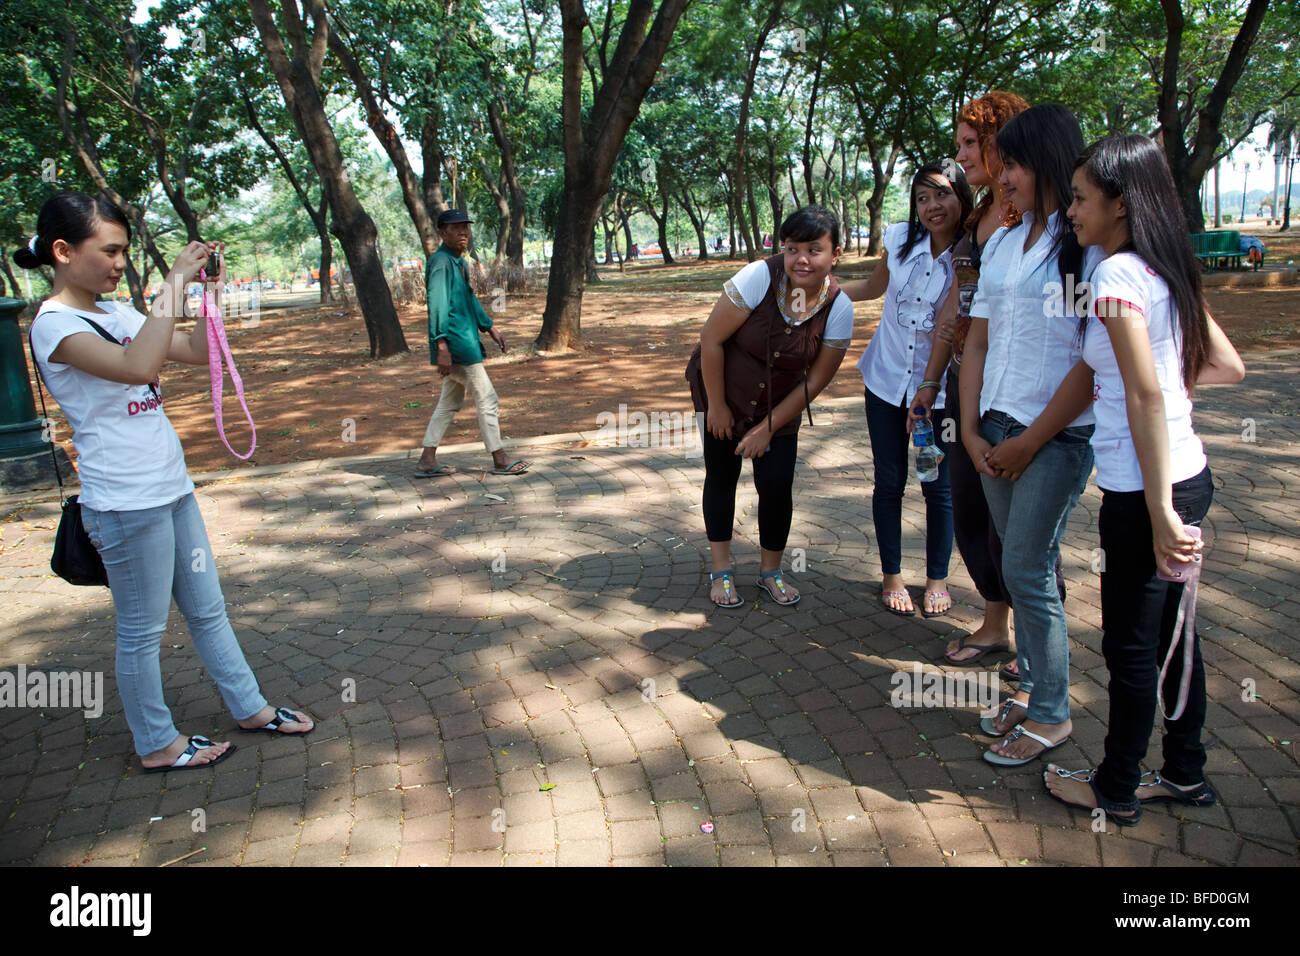 Un groupe de filles indonésiennes posent pour une photo avec un touriste européen dans un parc de Jakarta, Photo Stock